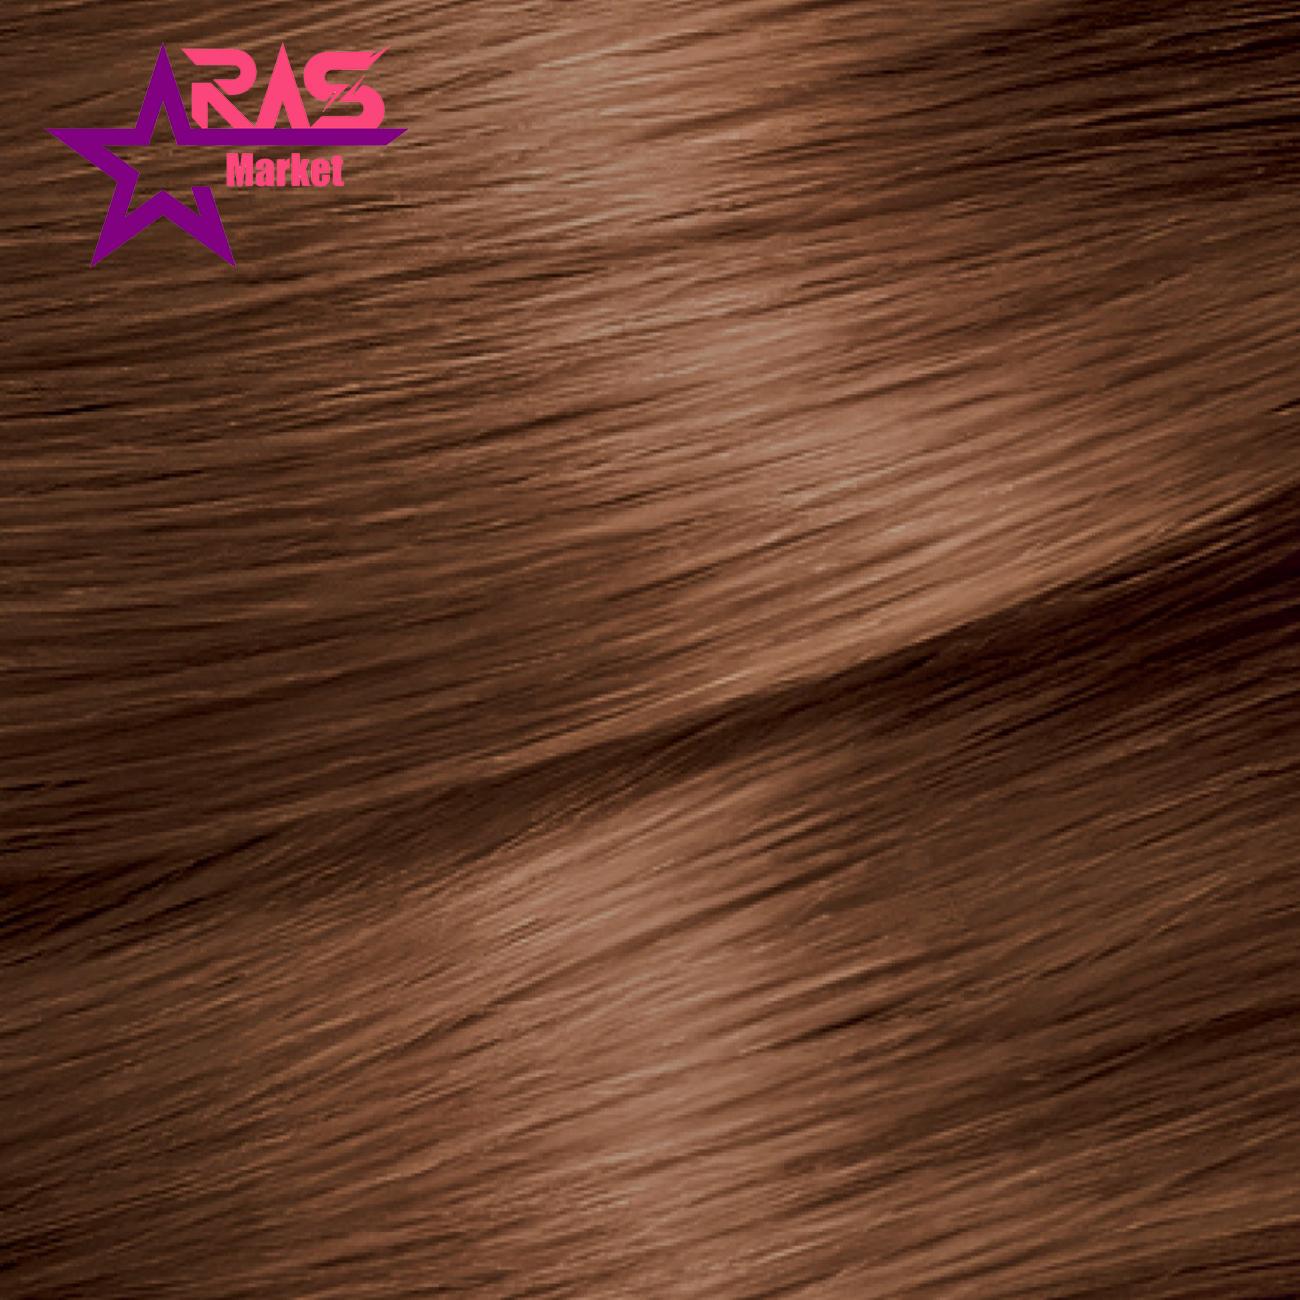 کیت رنگ مو گارنیر سری Color Naturals شماره 6.34 ، فروشگاه اینترنتی ارس مارکت ، رنگ موی گارنیر